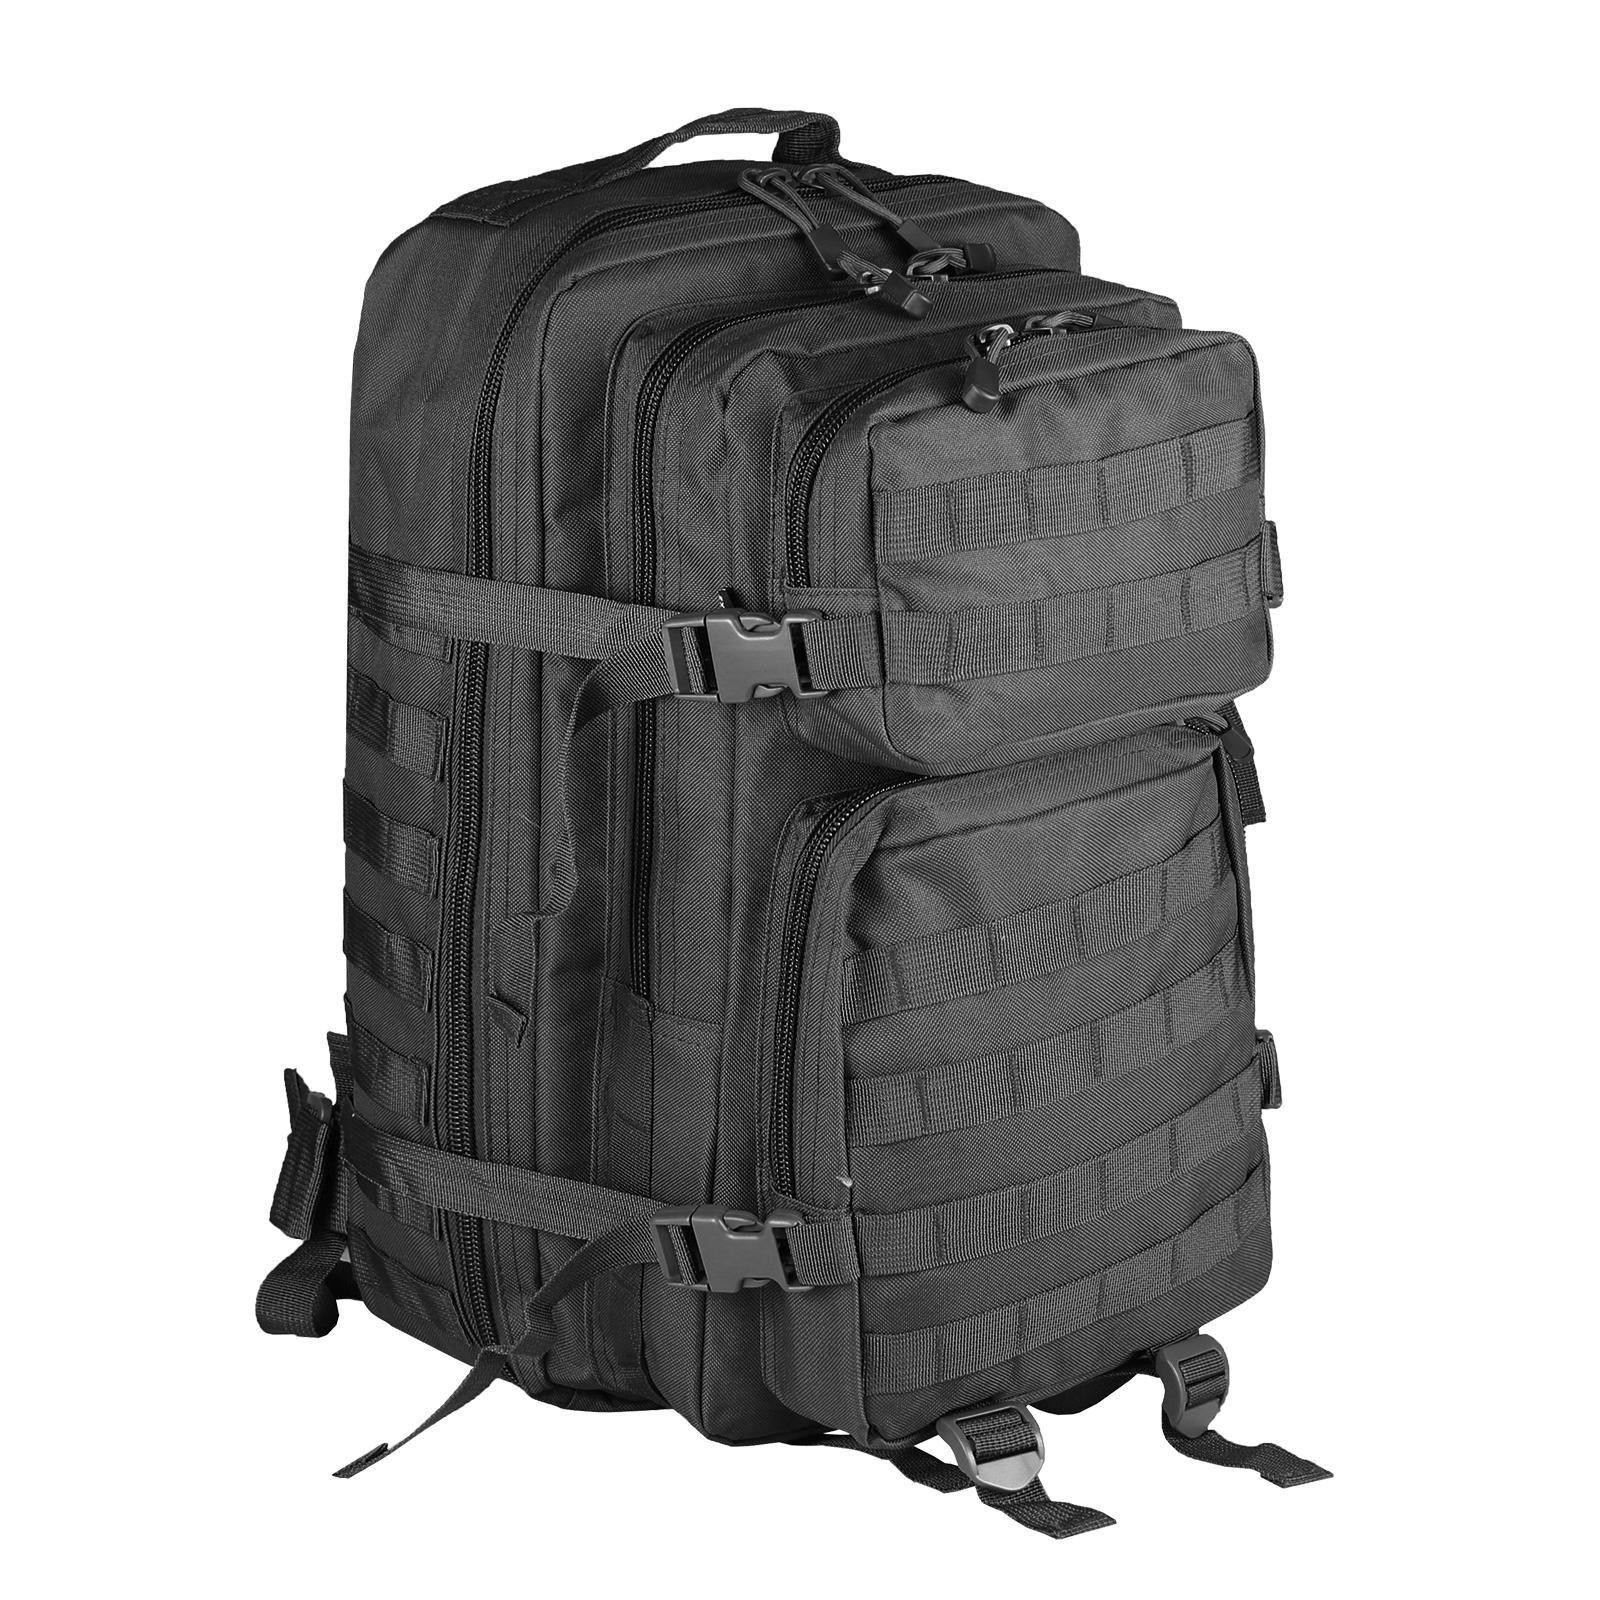 Xxl Unisex Rucksack Backpack Wandern Fahrradrucksack Freizeit Bag